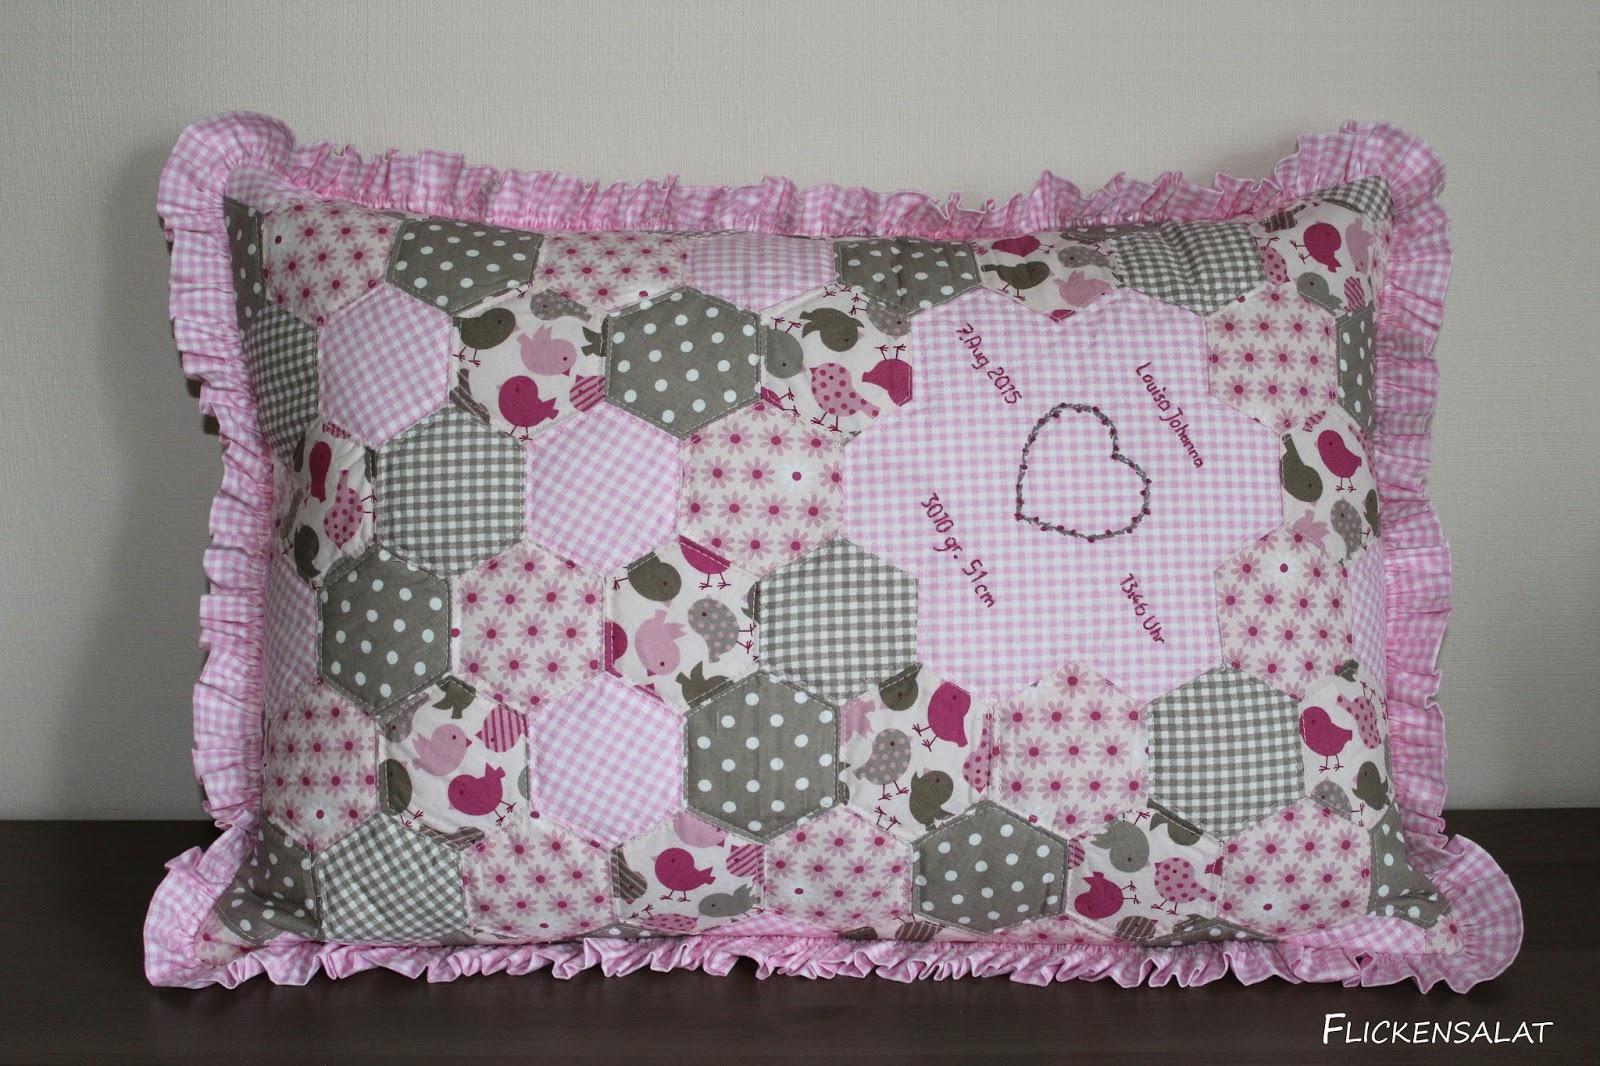 flickensalat ein patchwork kissen zur taufe. Black Bedroom Furniture Sets. Home Design Ideas